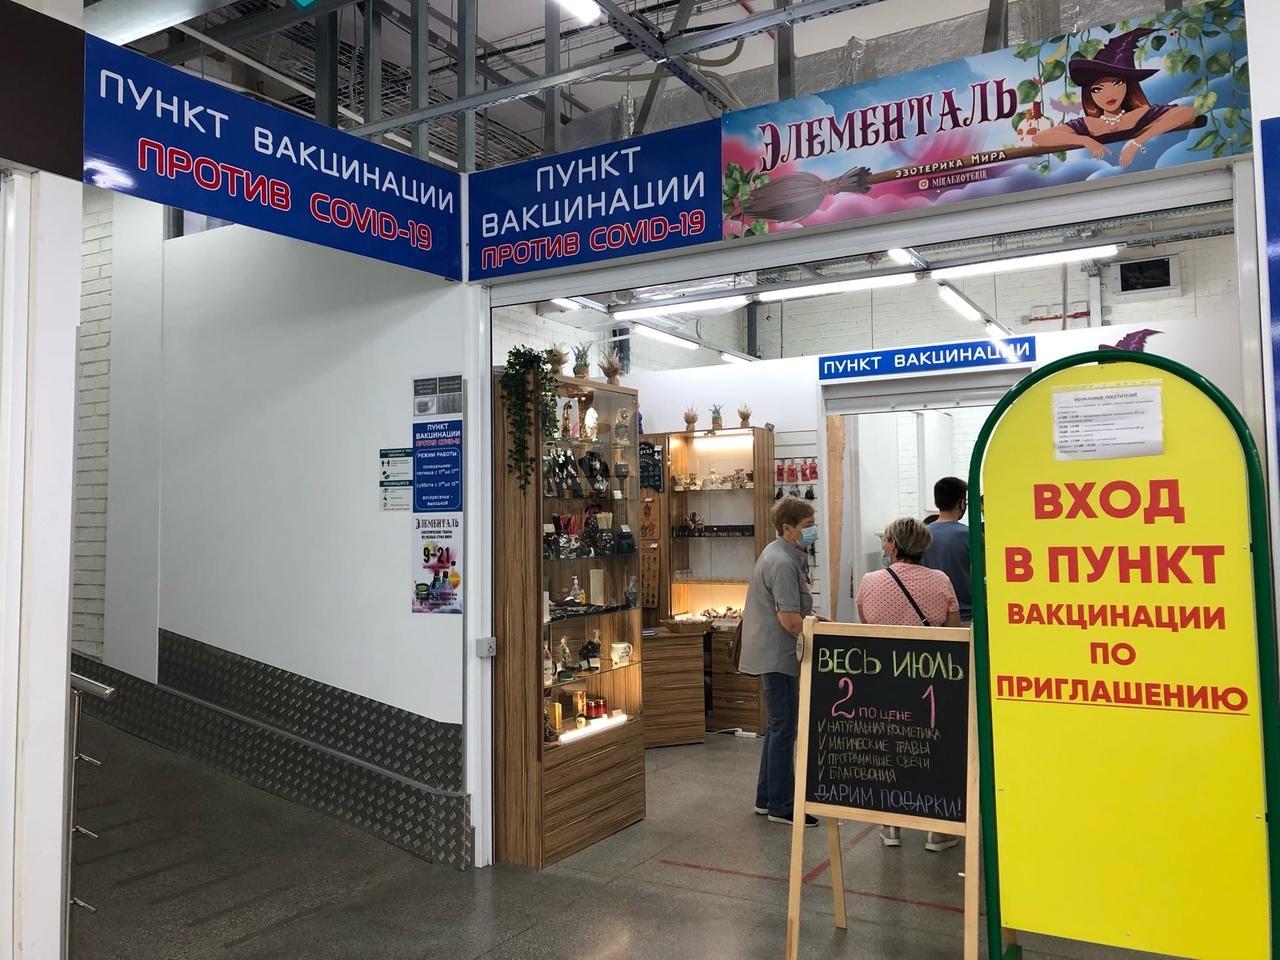 фото «Ужасная ситуация, никакие талончики не работают!»: что происходит в очередях на вакцинацию от COVID-19 в Новосибирске 4